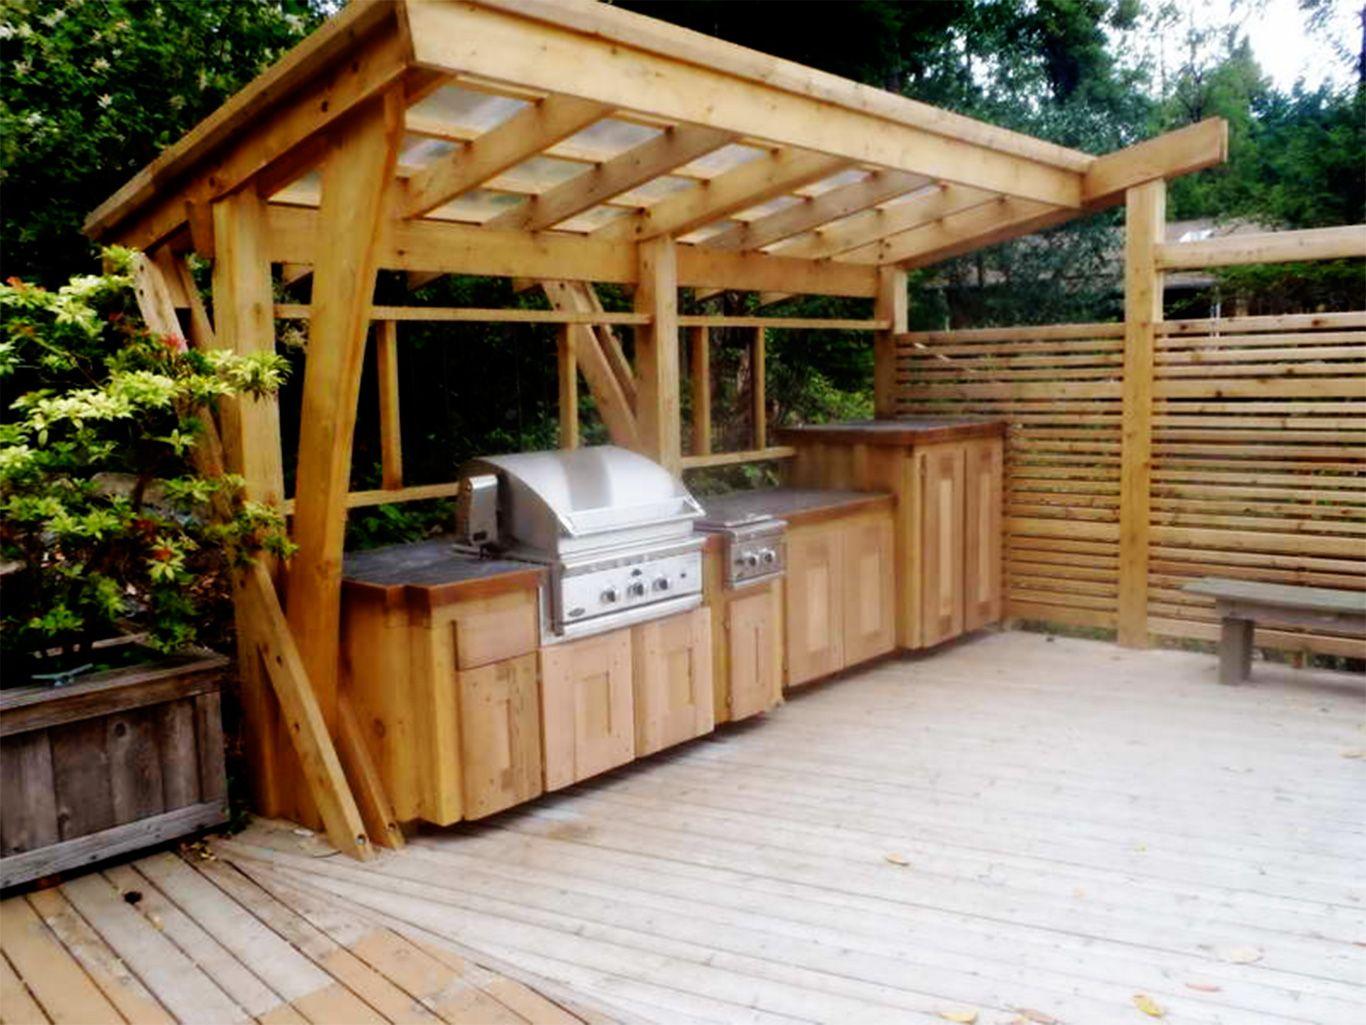 outdoor kitchen ideas outdoor kitchen design Outdoor Kitchen Designs with Roofs Kitchen Roof Design Gazebo Designs Innovative Outdoor Kitchen Roof